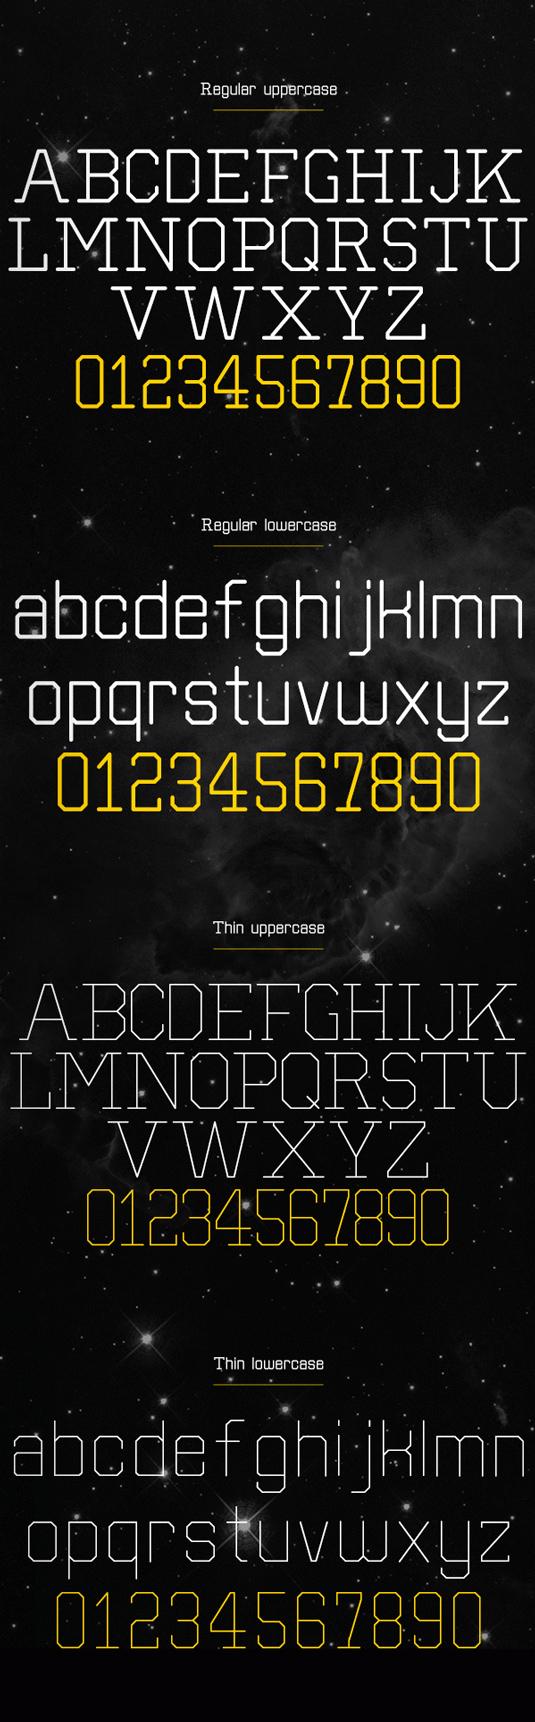 Free font: Separator